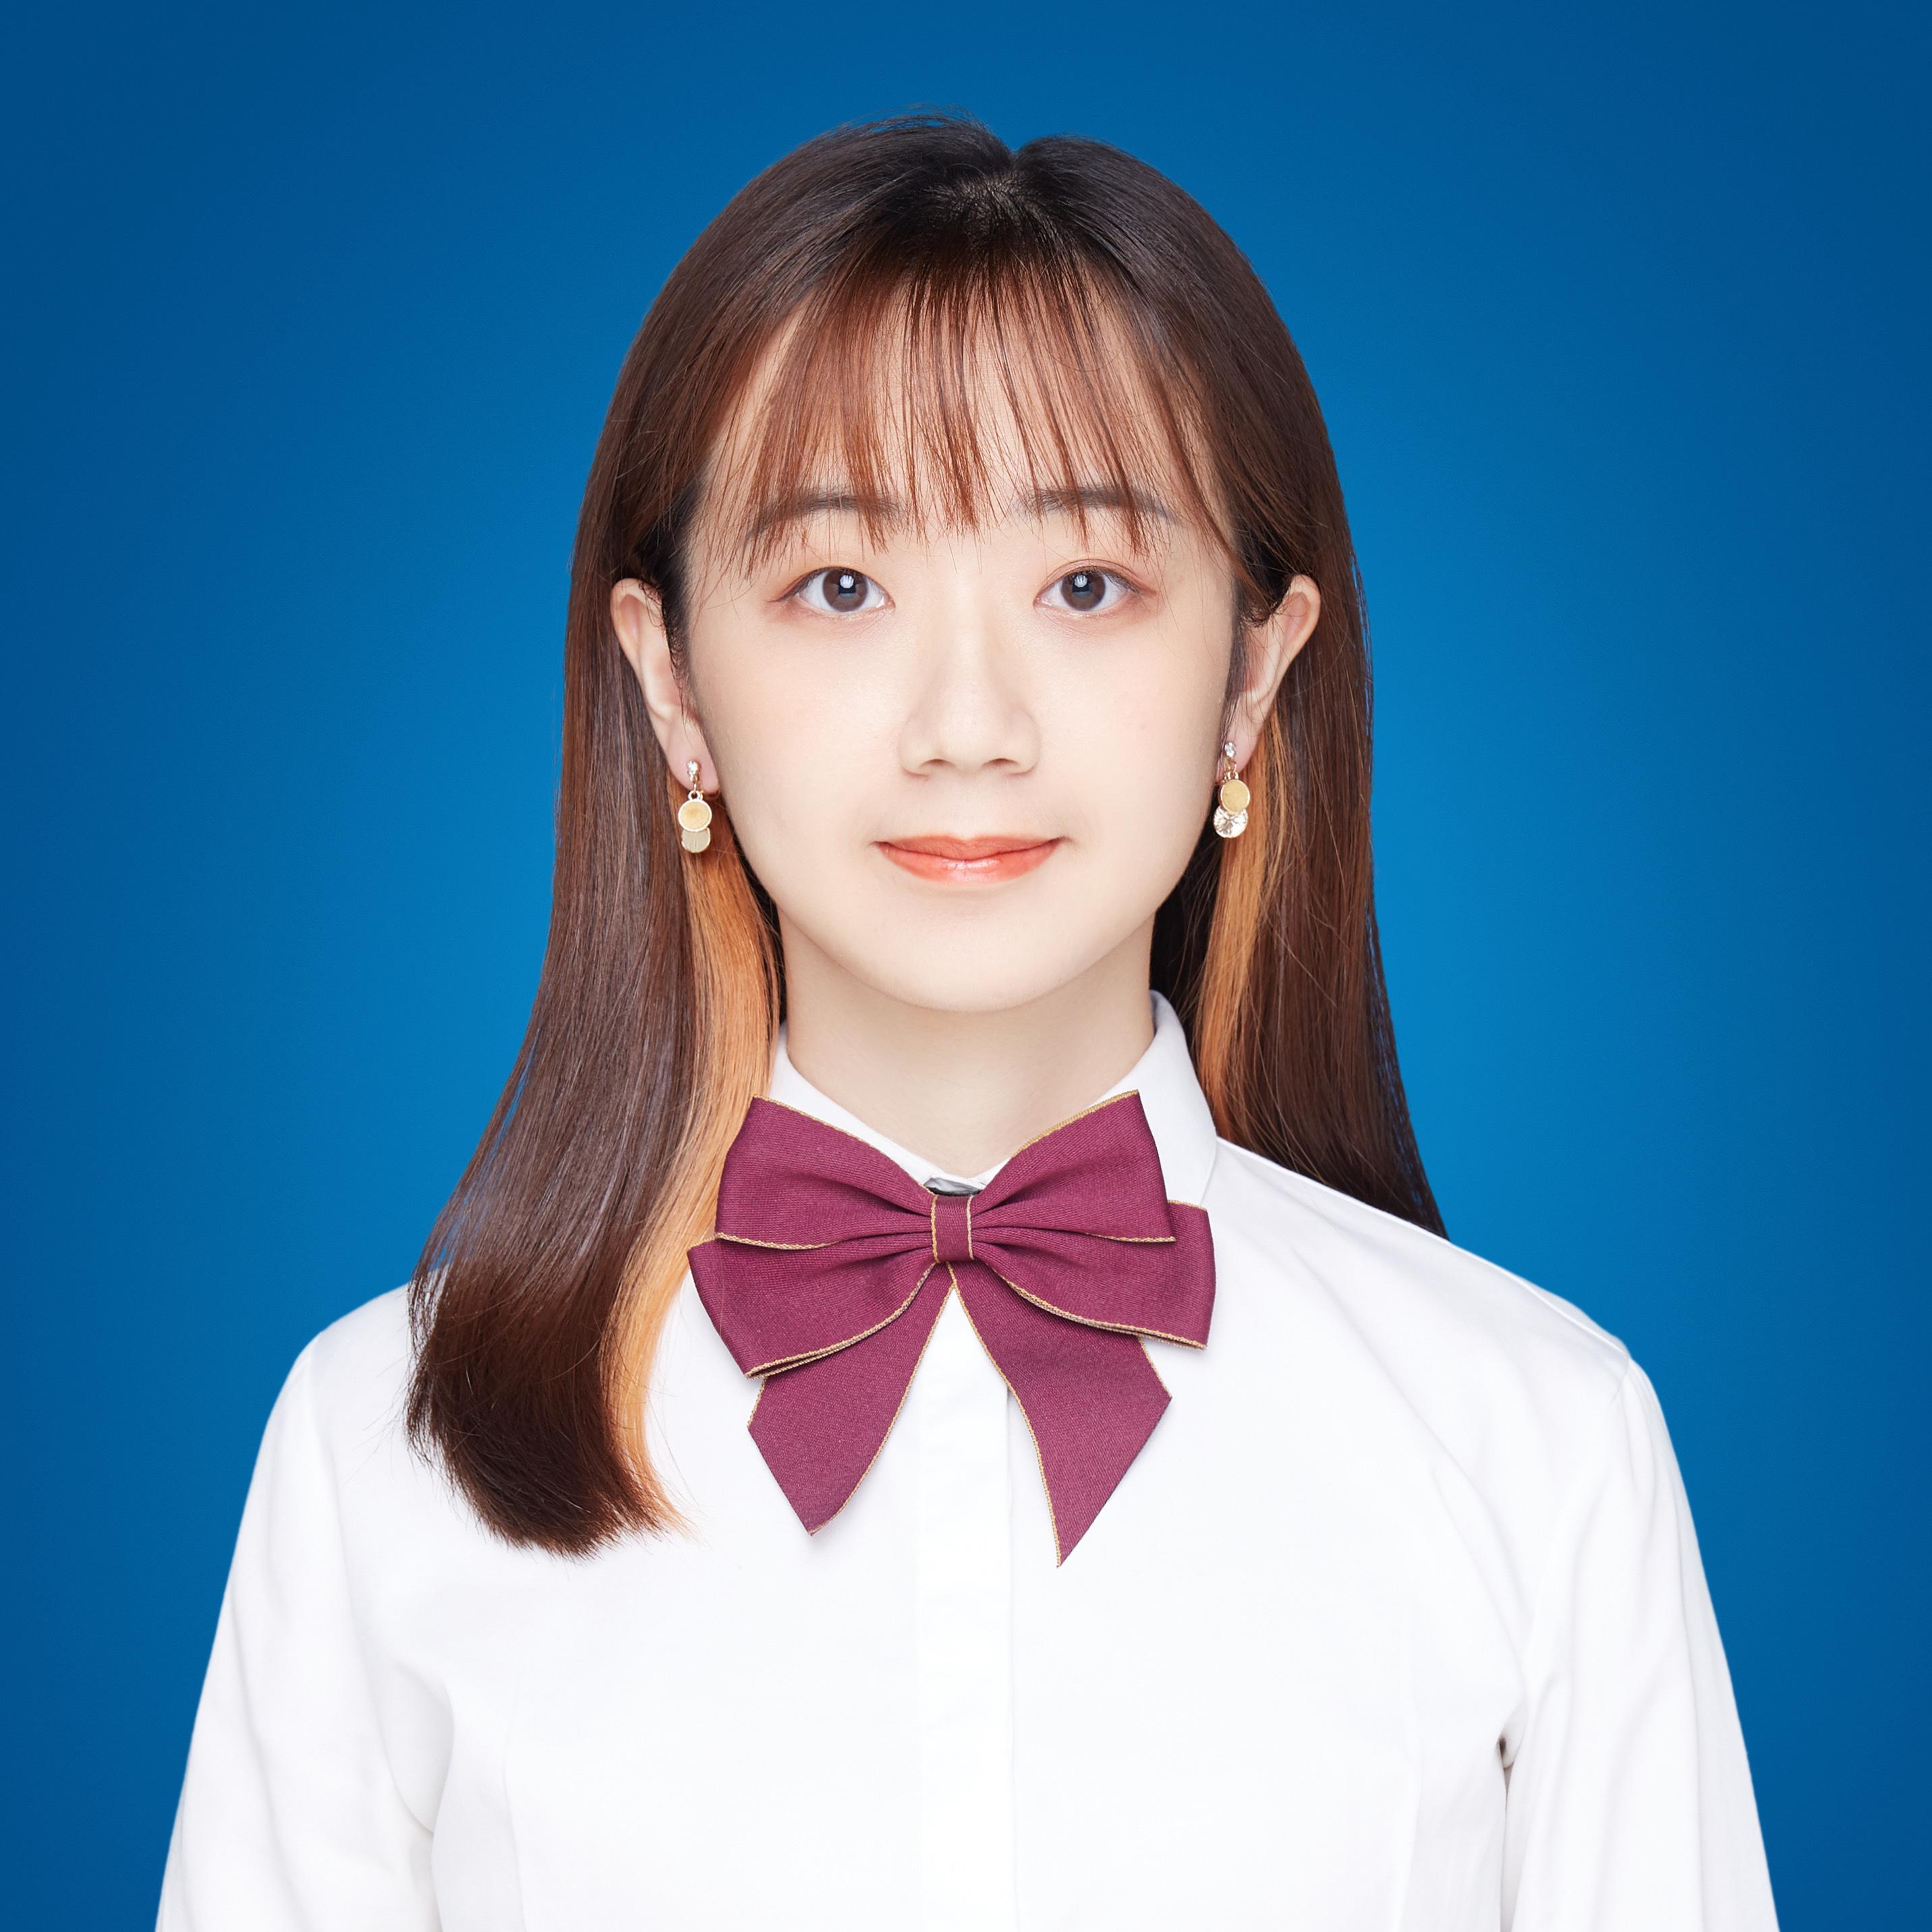 广州家教伍教员